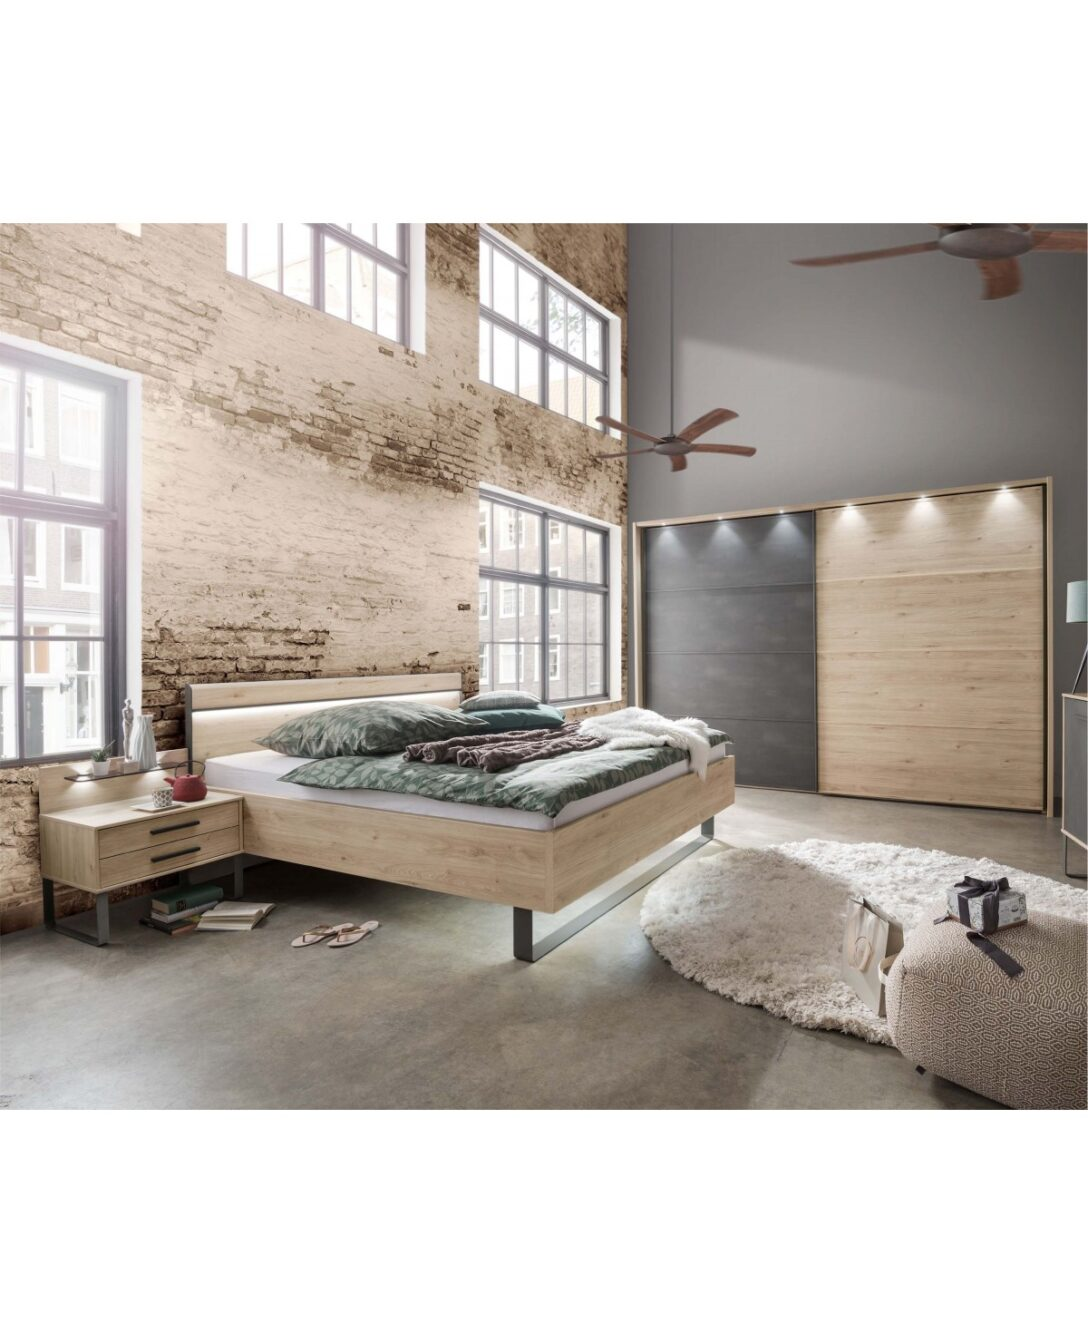 Large Size of 160x200 Bett Mit Bettkasten Stauraum Lattenrost Und Matratze Weißes Betten Ikea Schubladen Weiß Schlafsofa Liegefläche Komplett Wohnzimmer Schrankbett 160x200